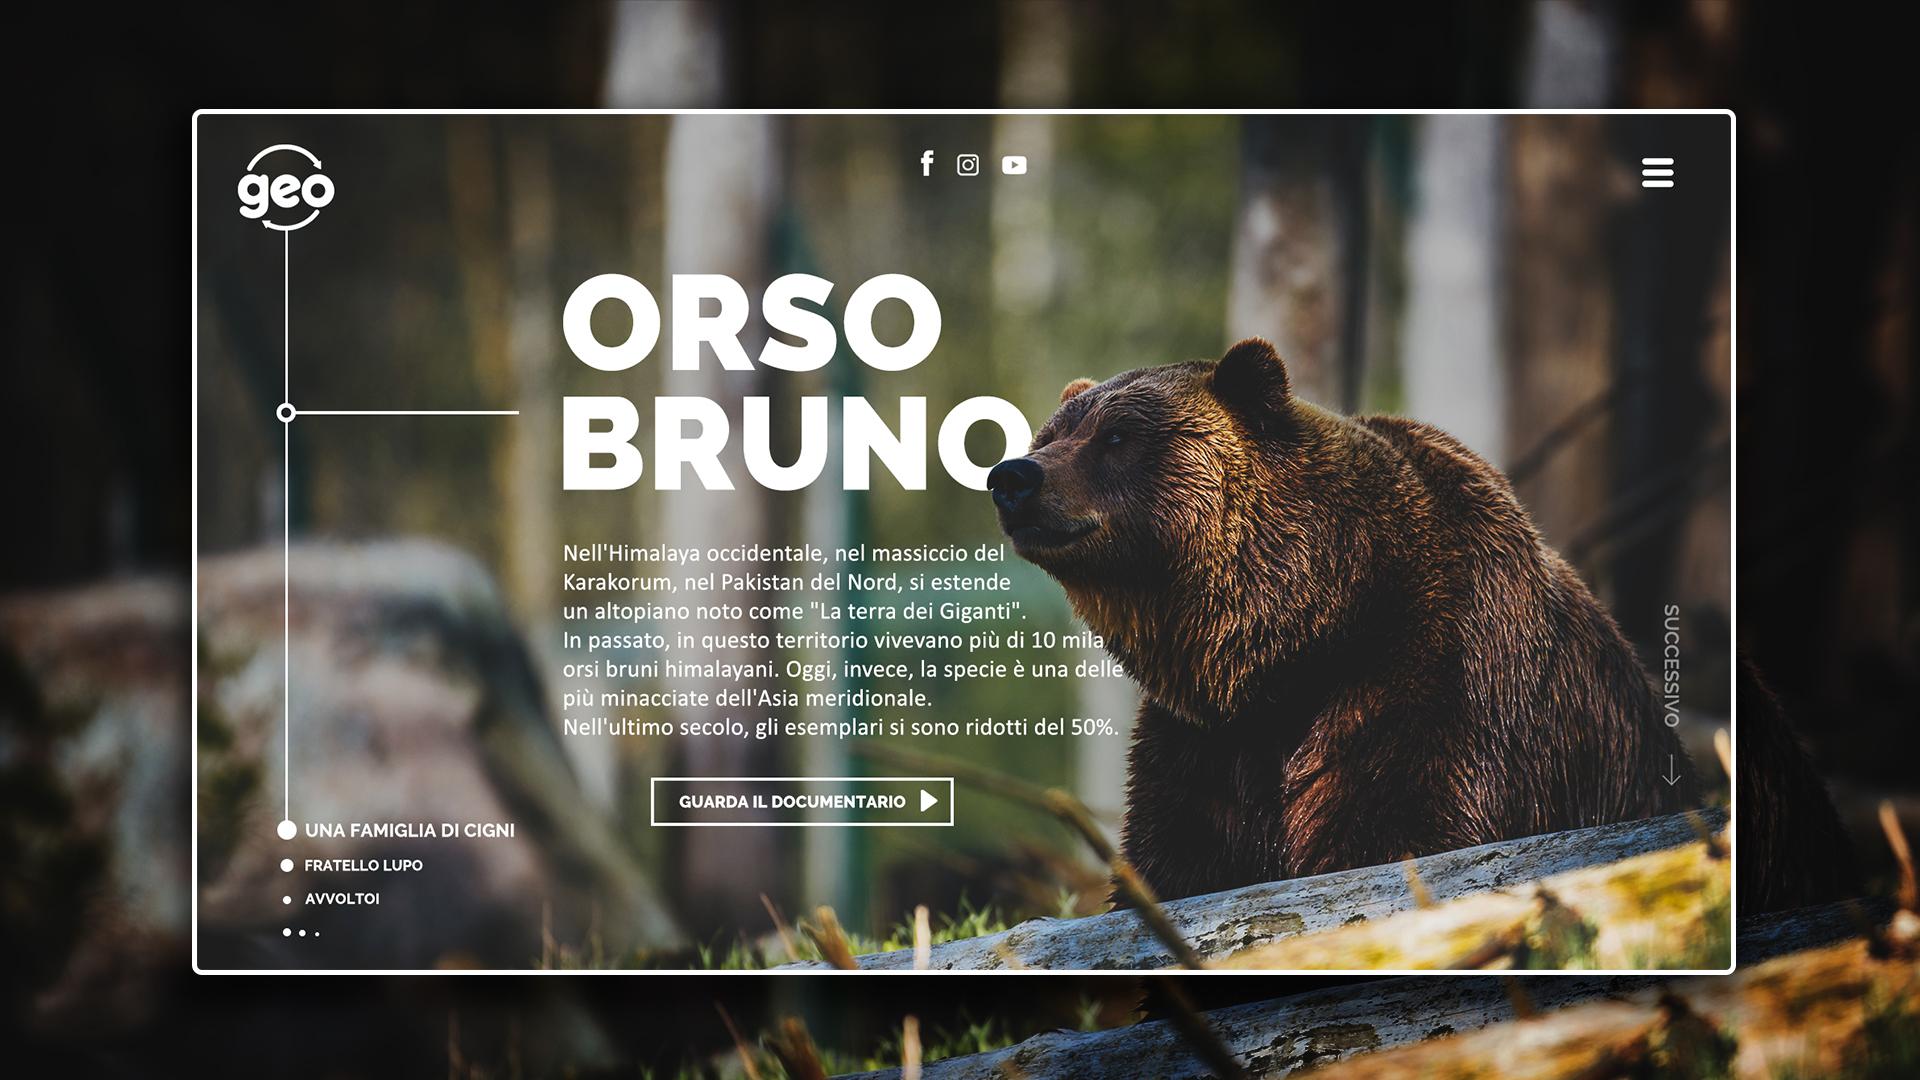 Orso bruno page